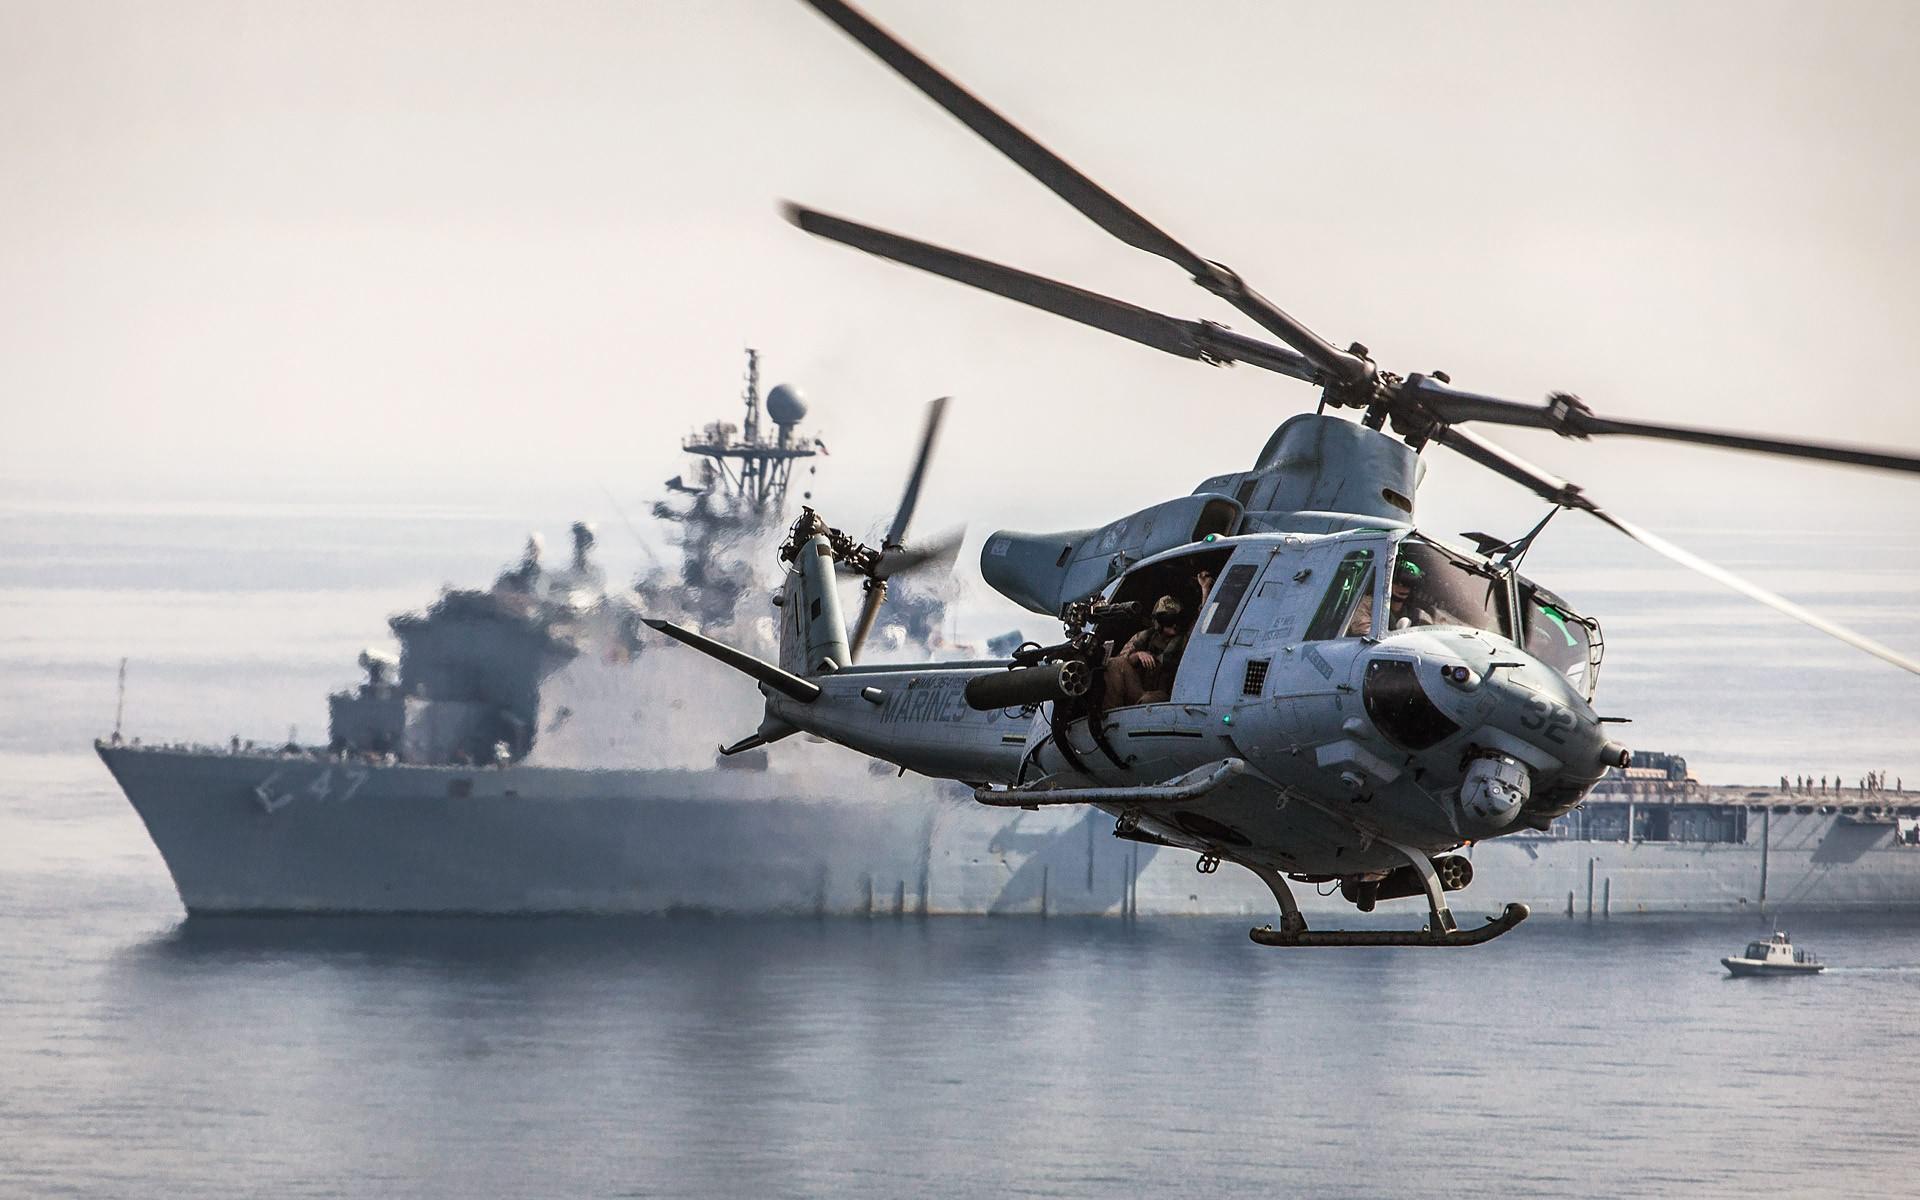 букеты вертолеты морской авиации в бою фото рисунки конечно, приморье